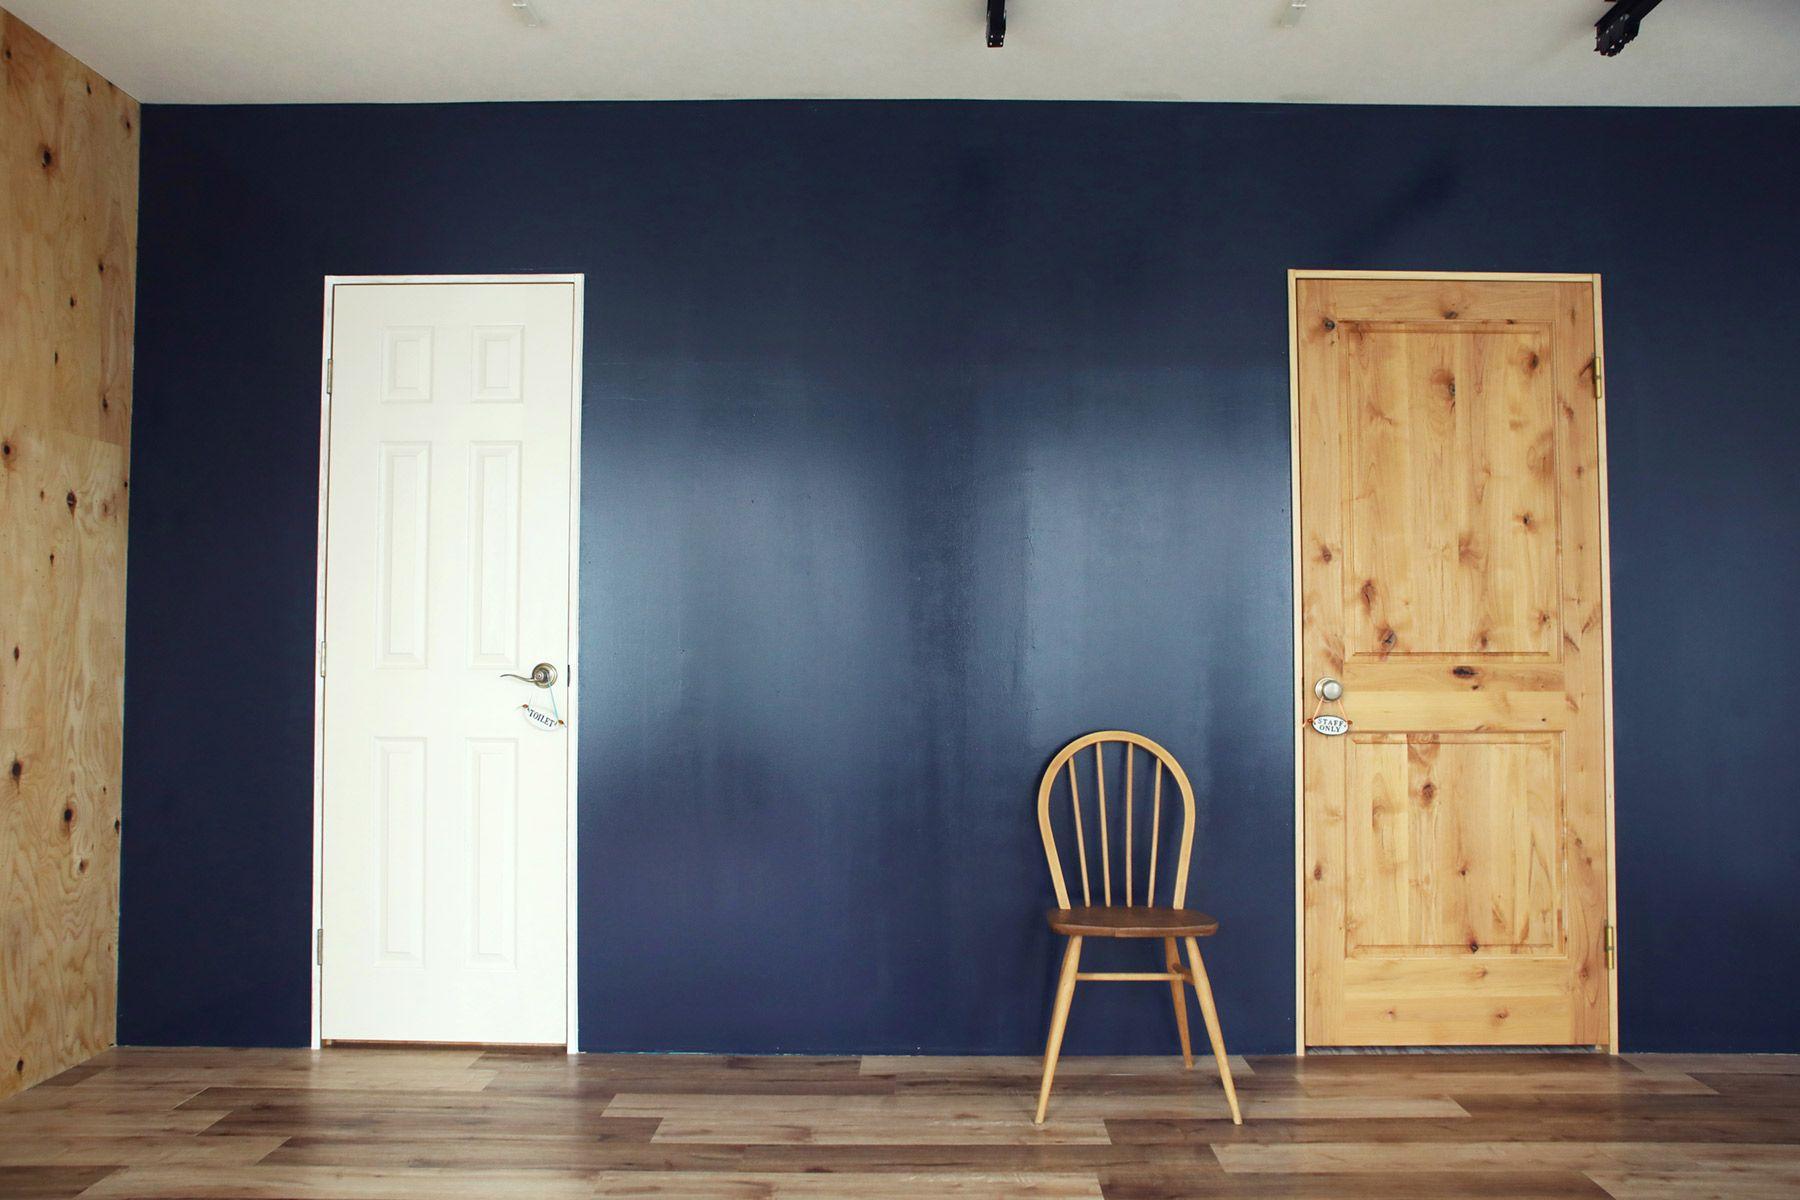 荻窪写真館スタジオ (オギクボシャシンカン)素材の違うドアもプロップに